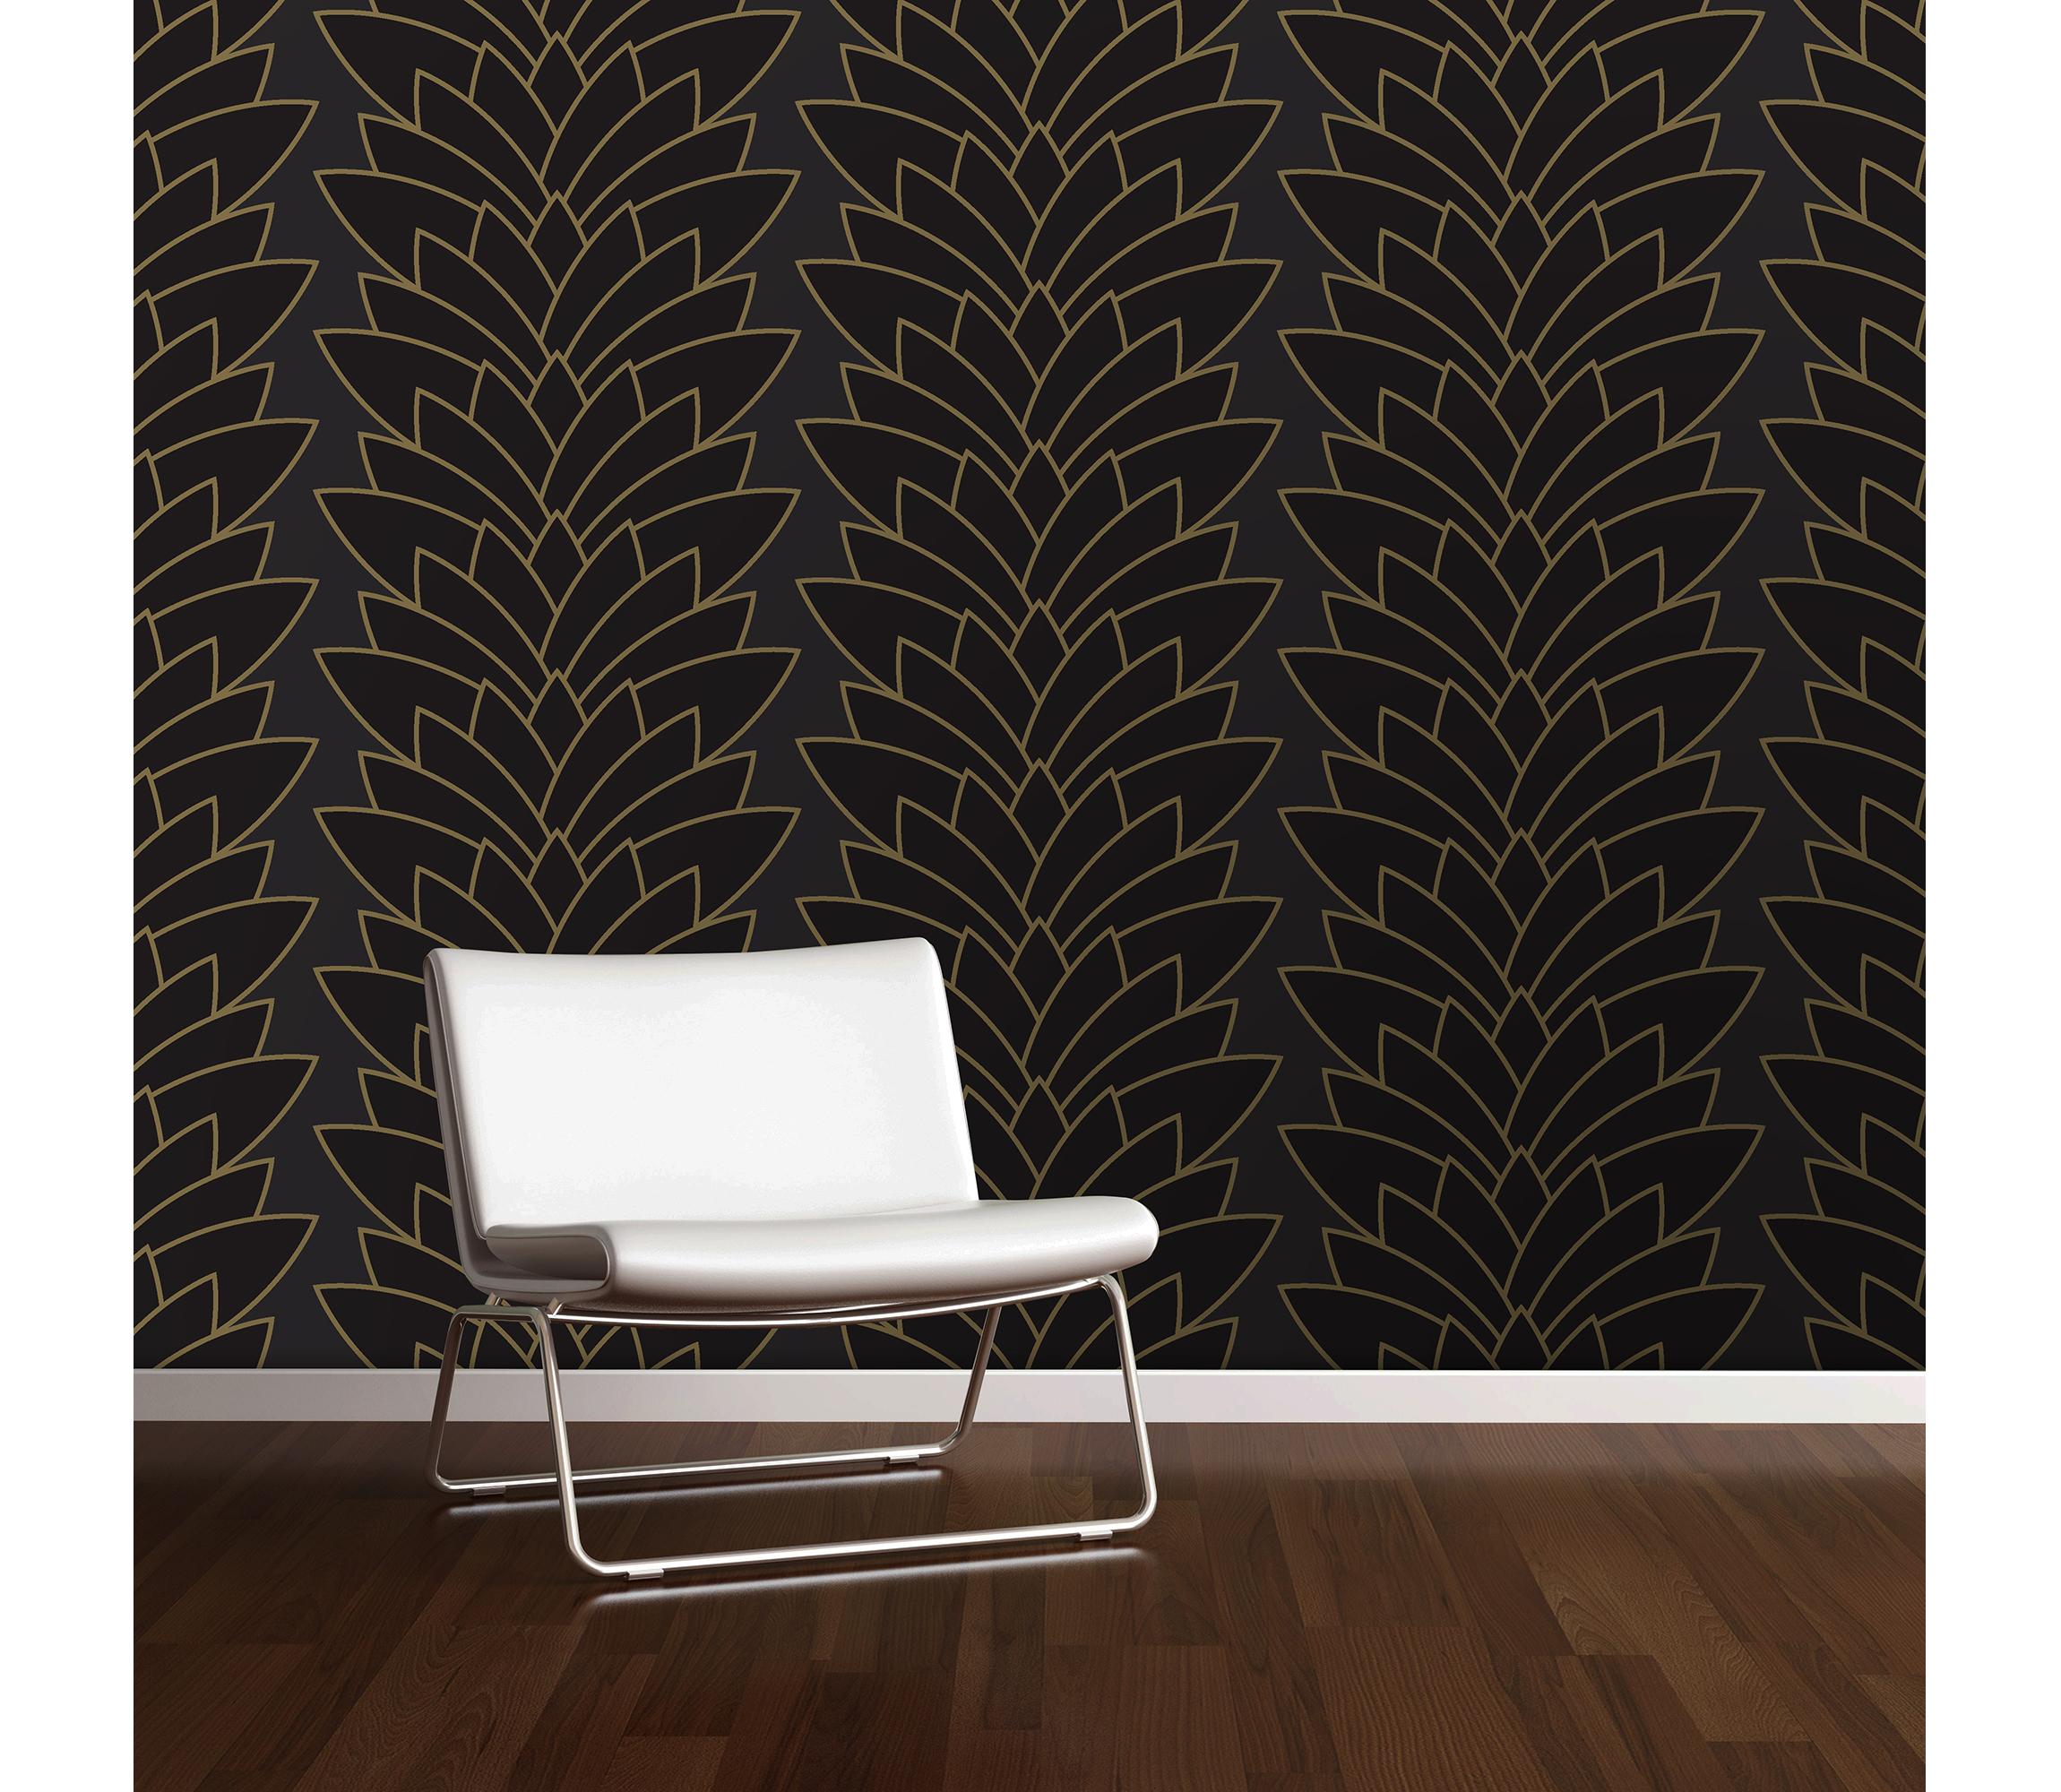 Boas Wallpaper